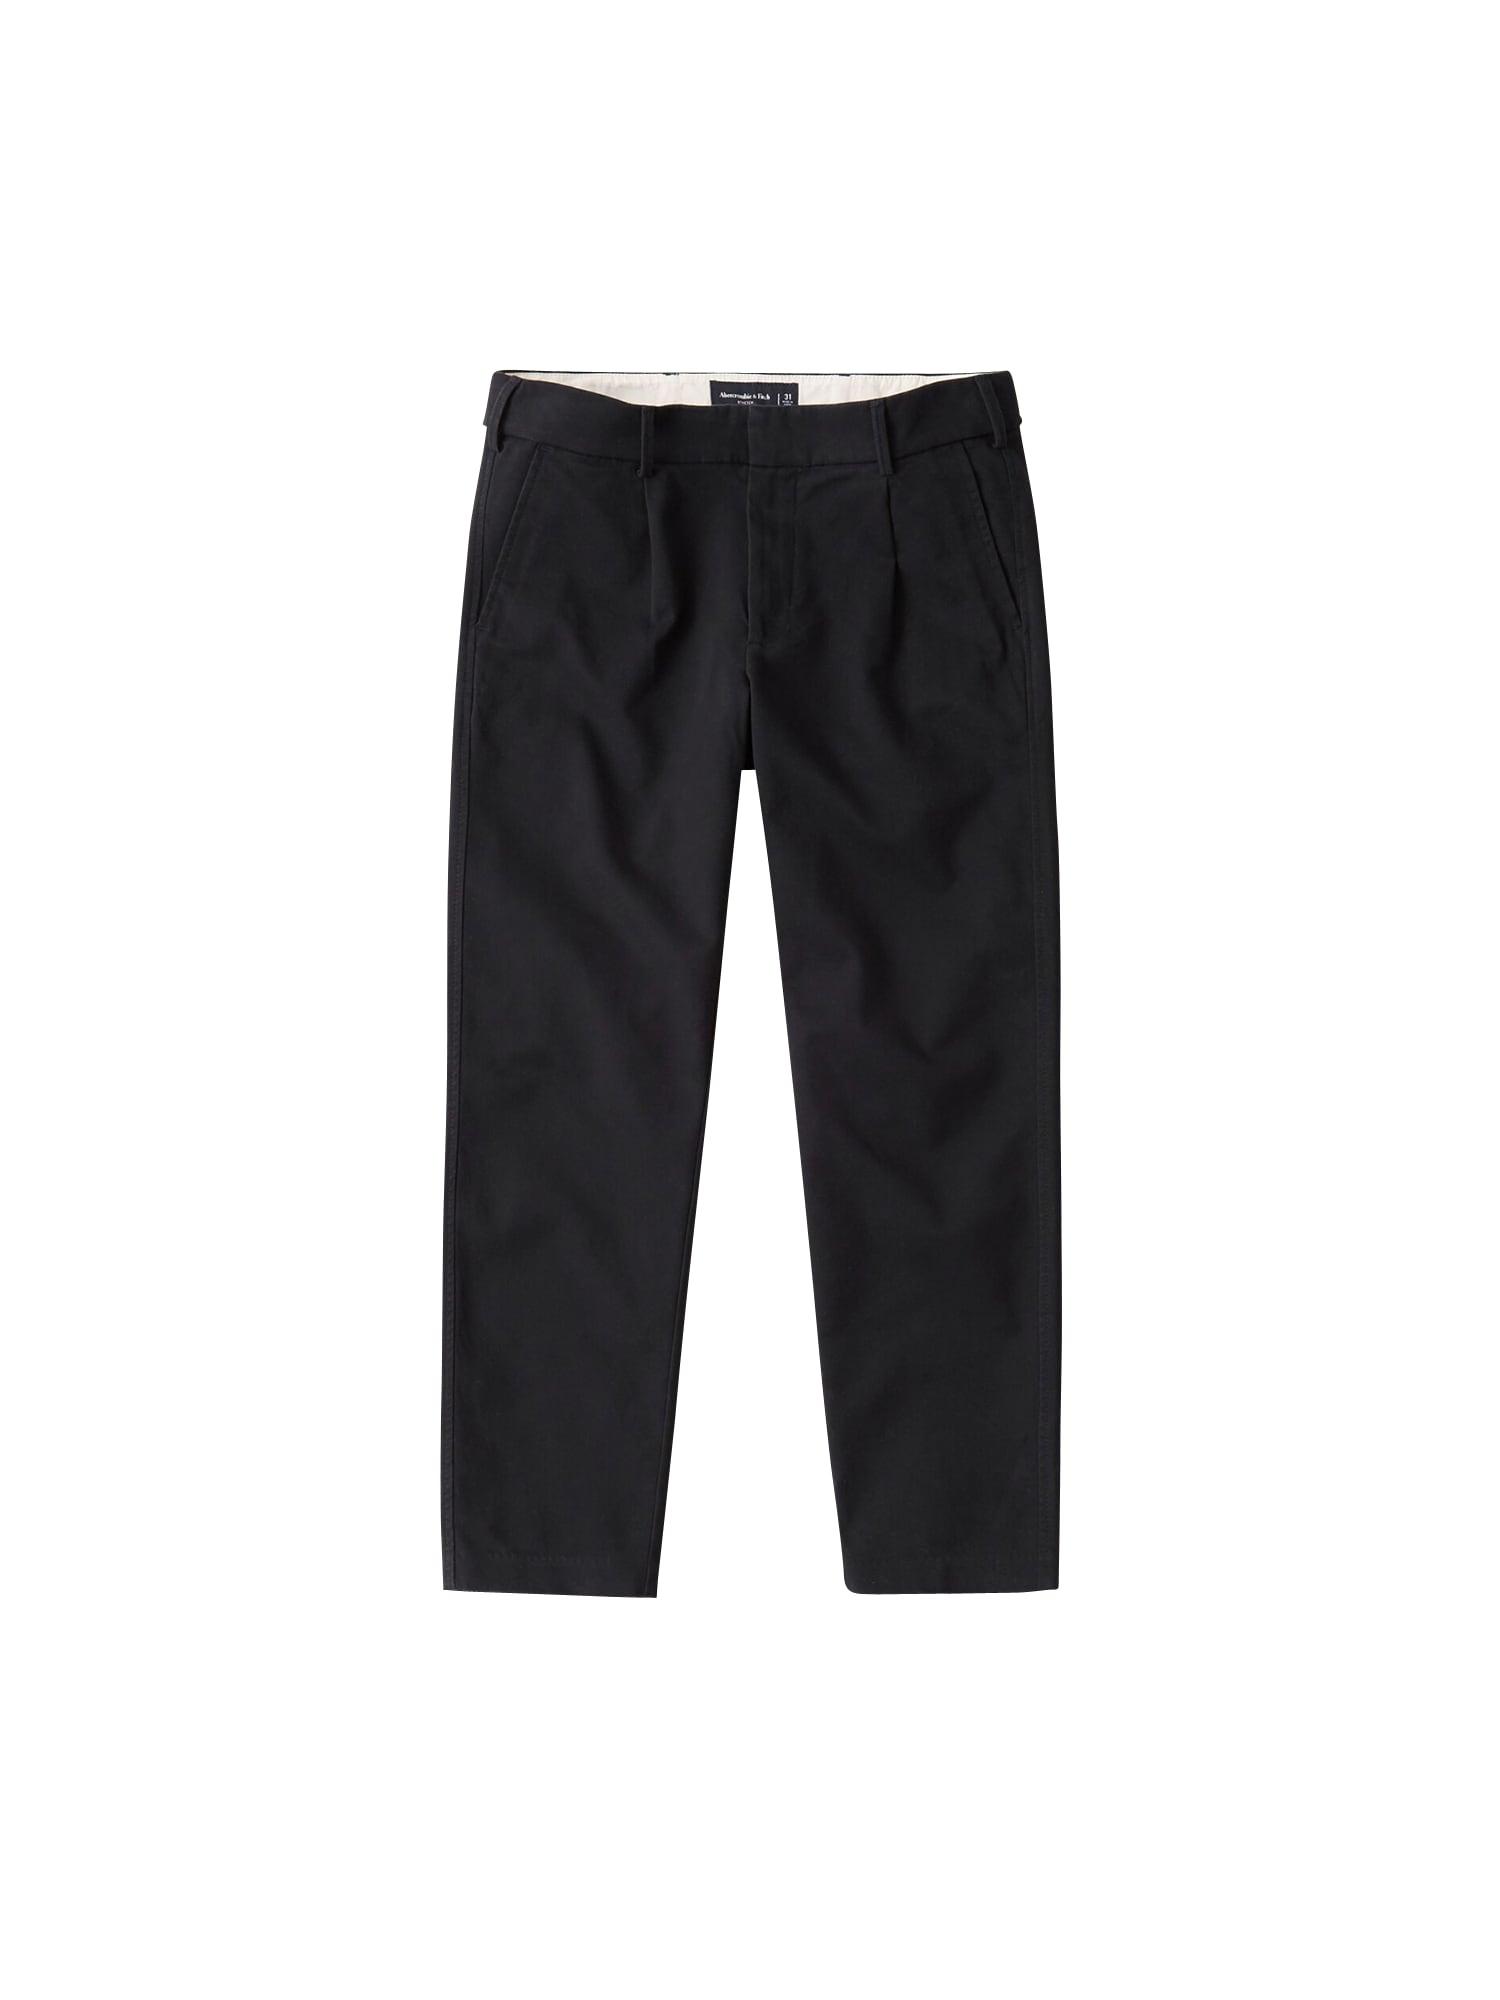 Abercrombie & Fitch Klostuotos kelnės juoda